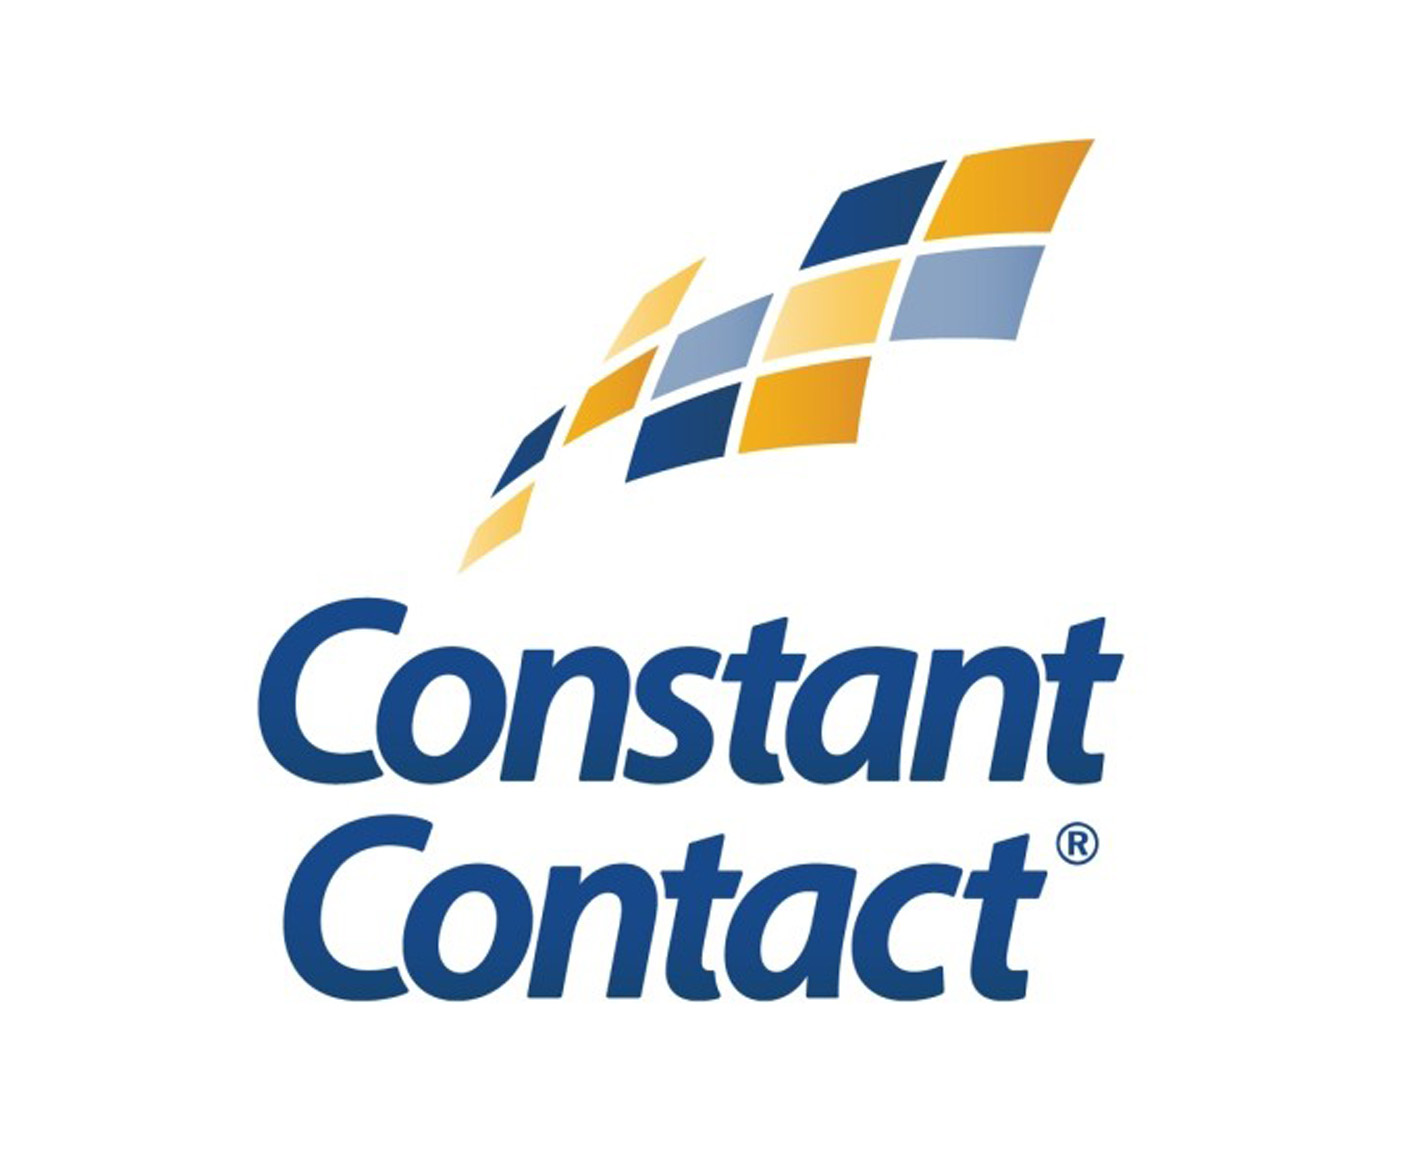 Constant Contact - отзывы, цена, альтернативы (аналоги, конкуренты), бесплатные лимиты, функционал, сравнения